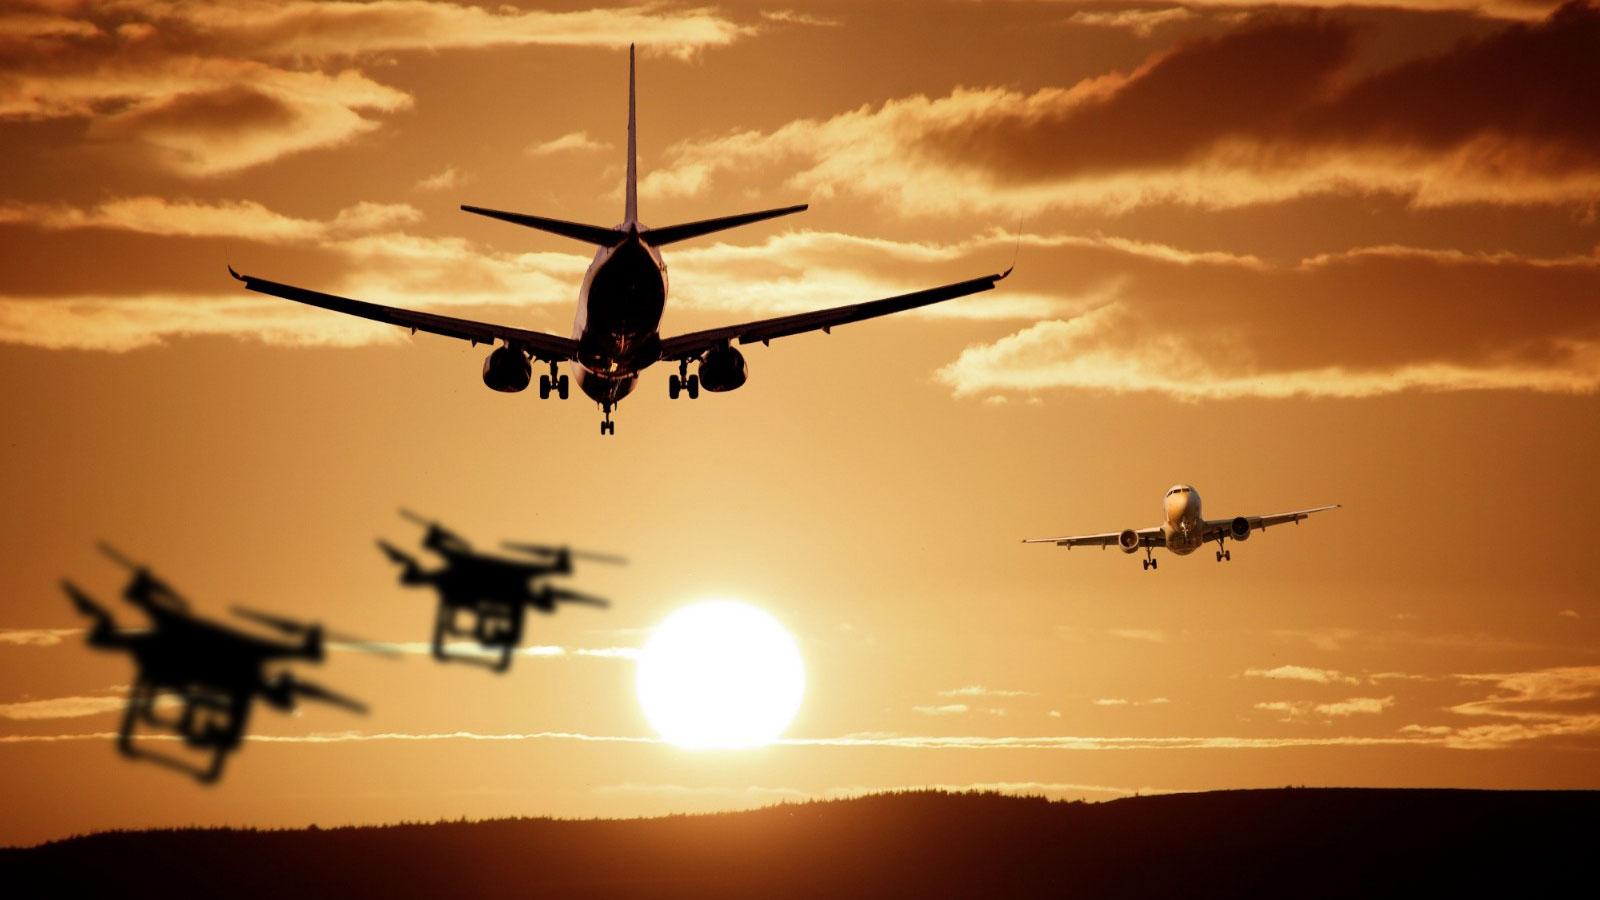 Avistamiento de drones causa el cierre total del aeropuerto de Gatwick, Reino Unido